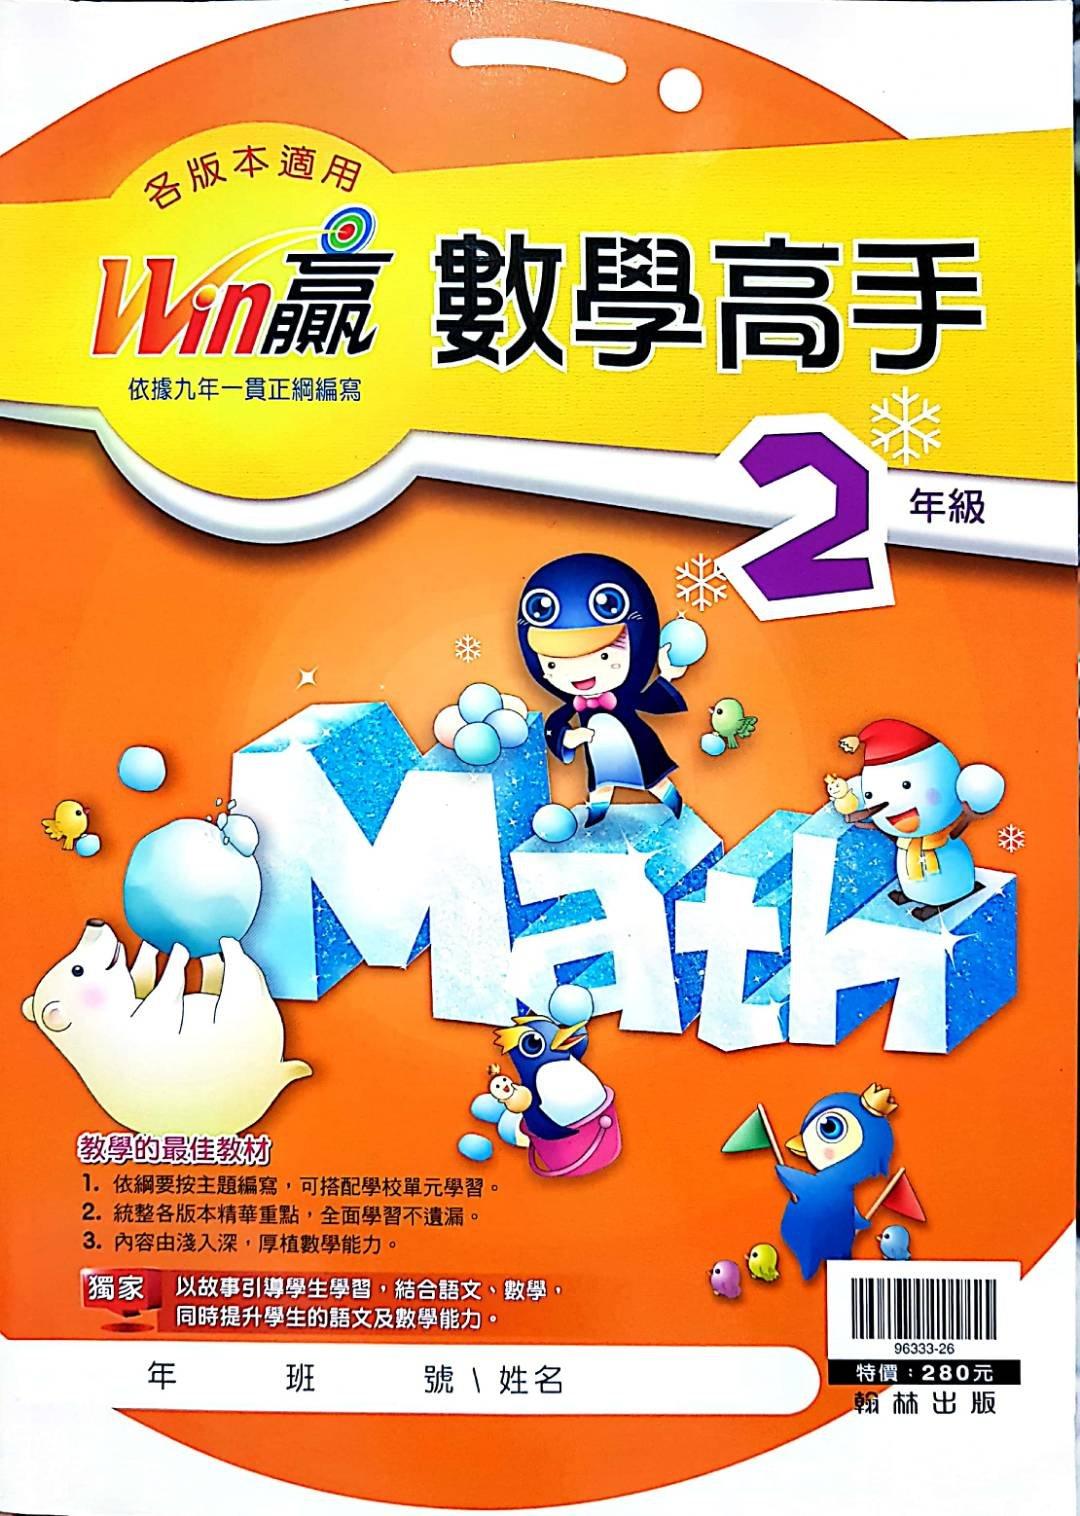 翰林出版~國小WIN數學高手2年級7折參考用書內文未書寫